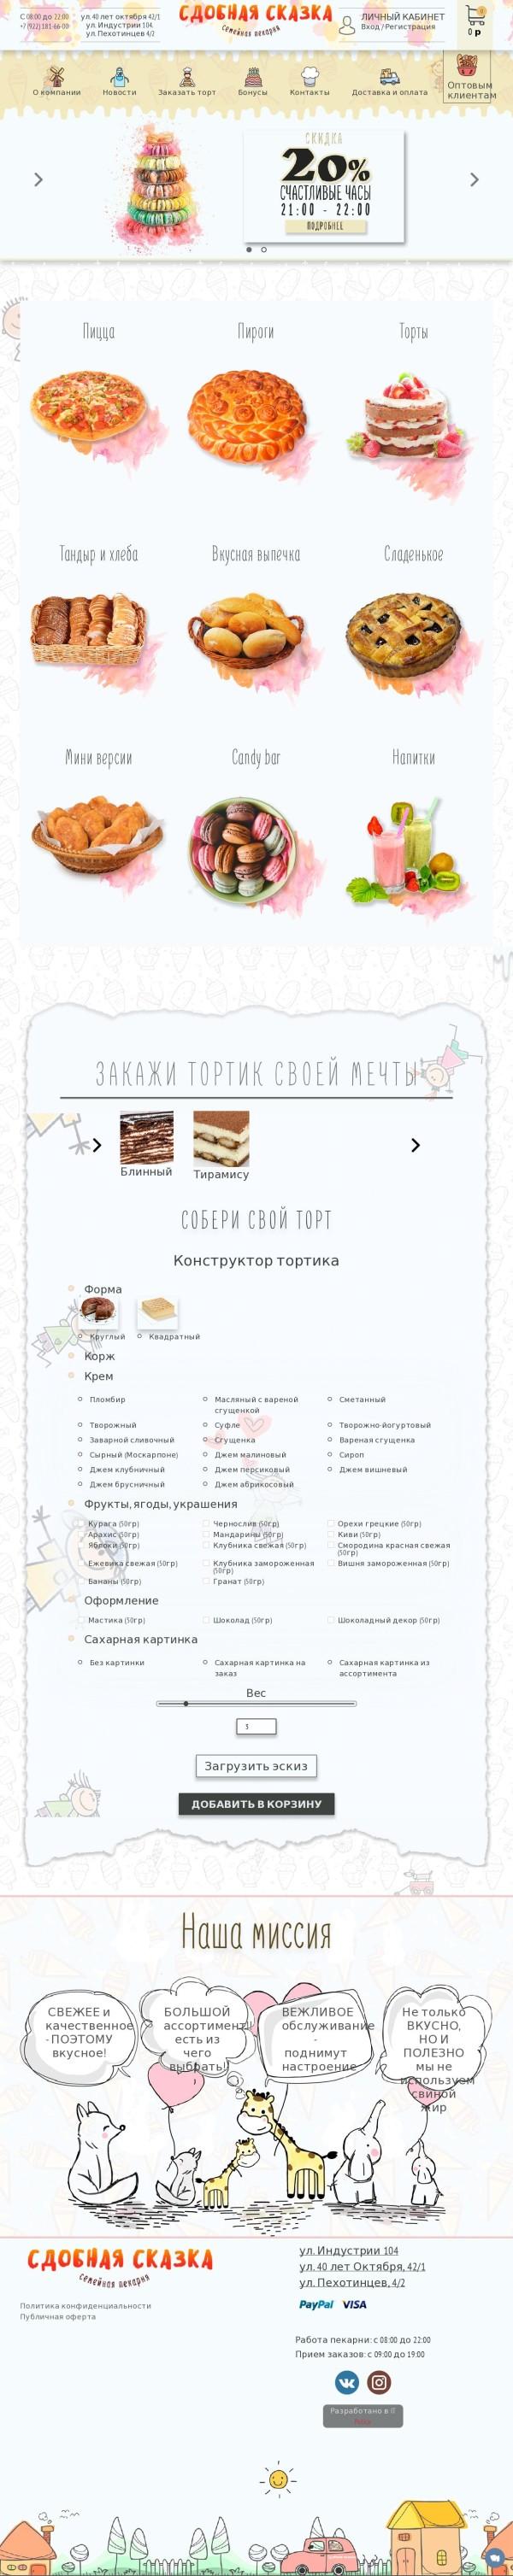 httpssdoba66.ru